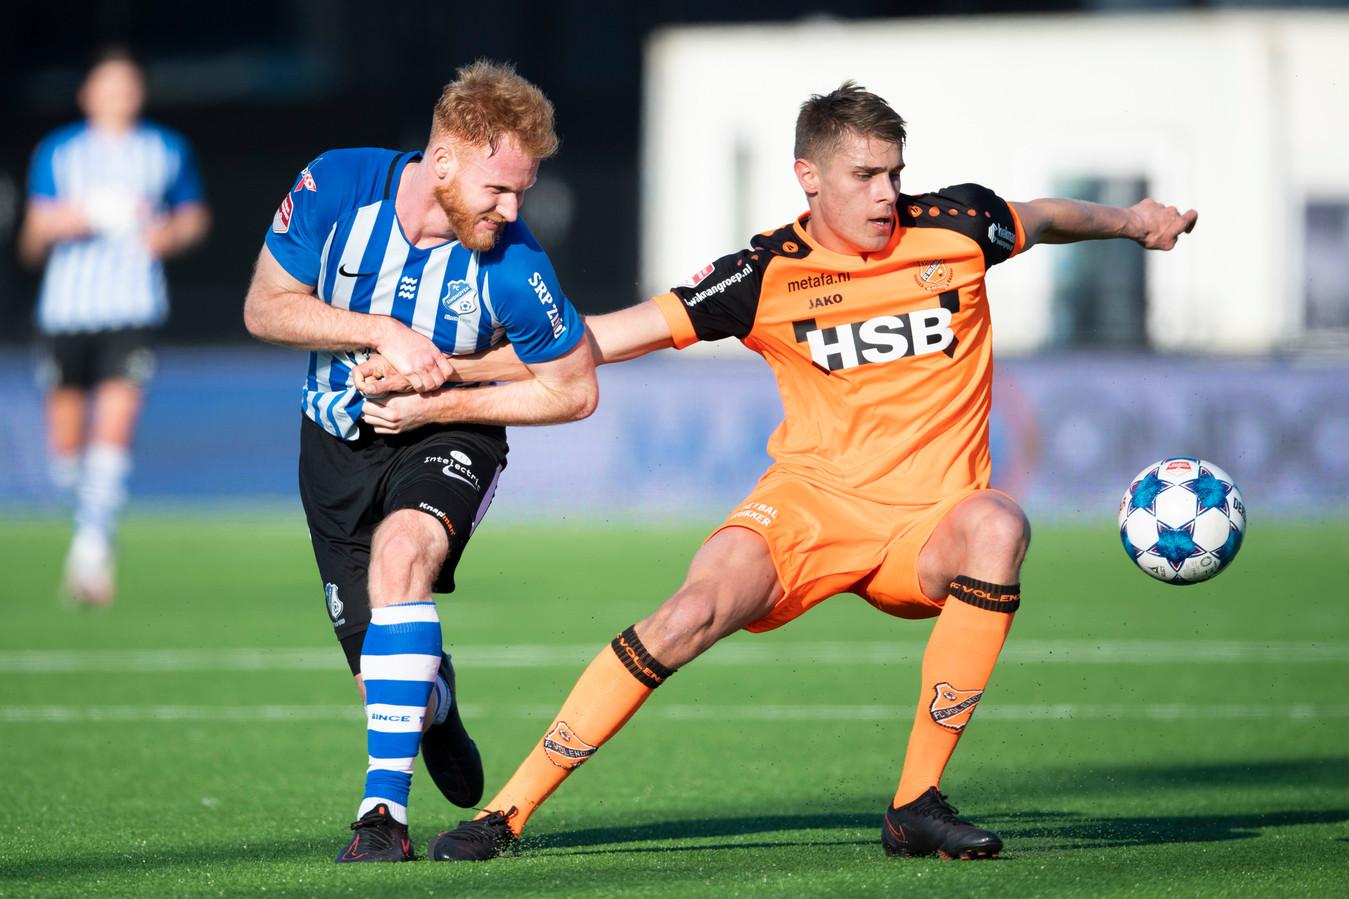 Micky van de Ven van Volendam in duel met Jort van der Sande.